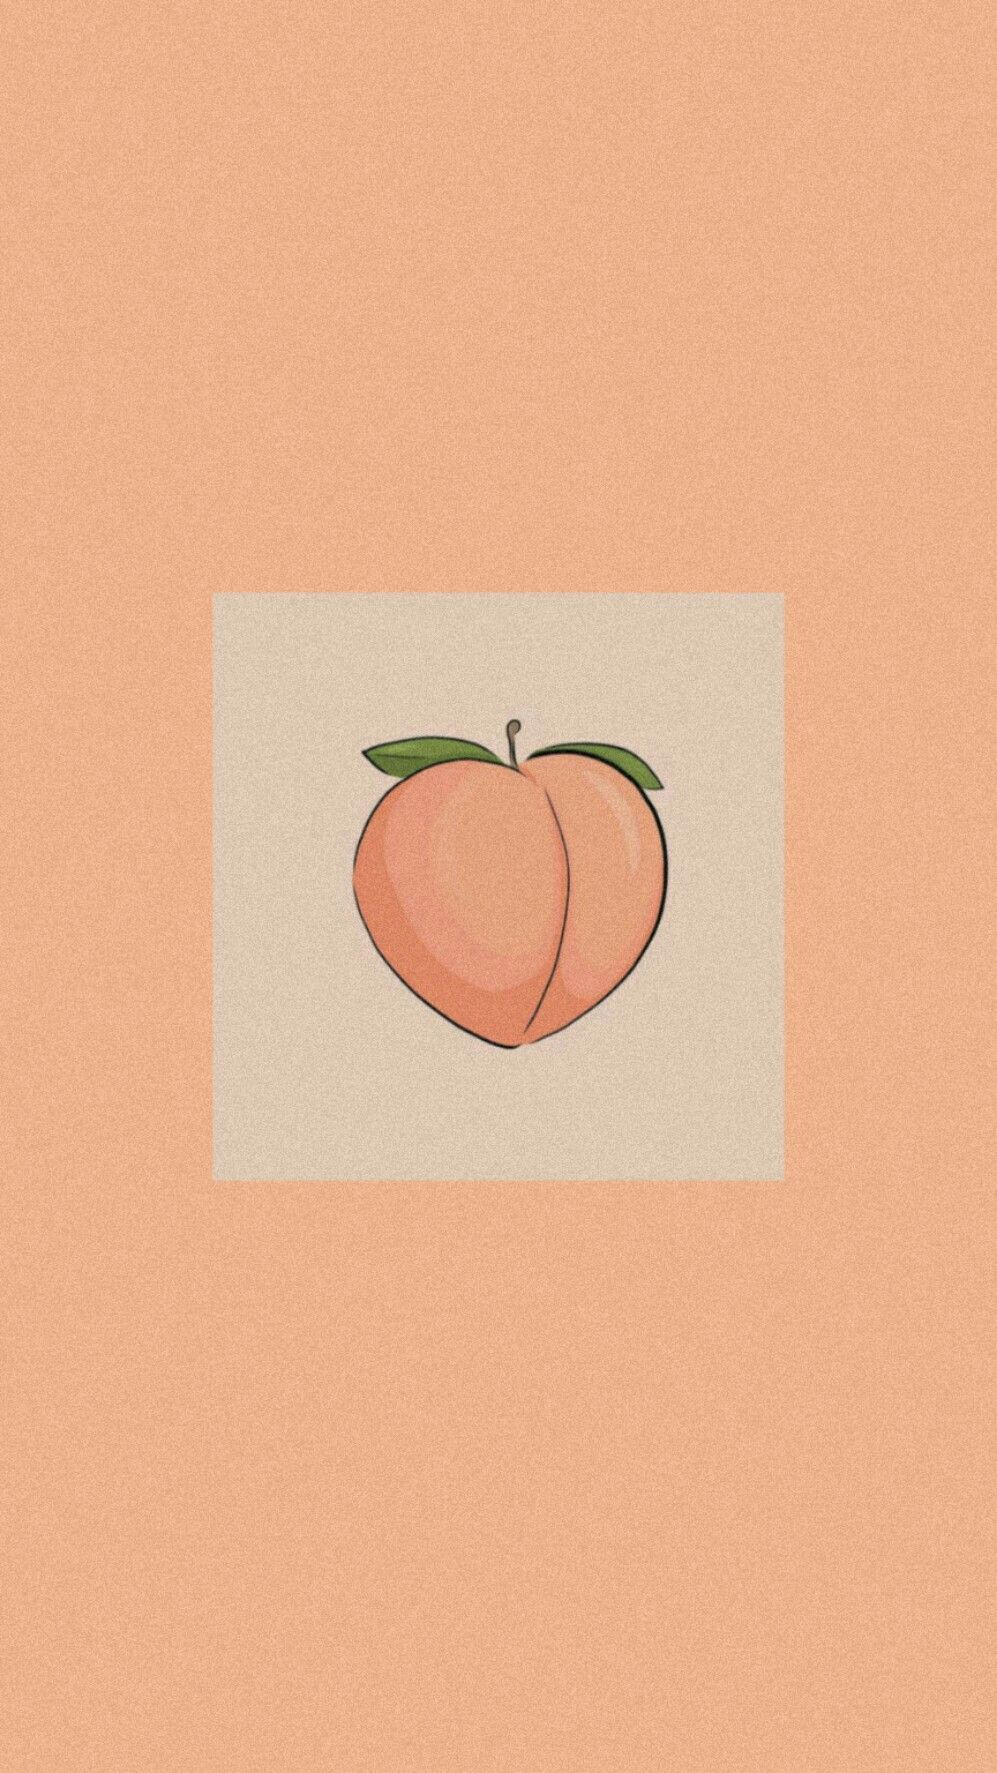 Pin De Hanna Thahara Em Nath Em 2020 Wallpaper Fofinho Papel De Parede Retro Poster De Parede